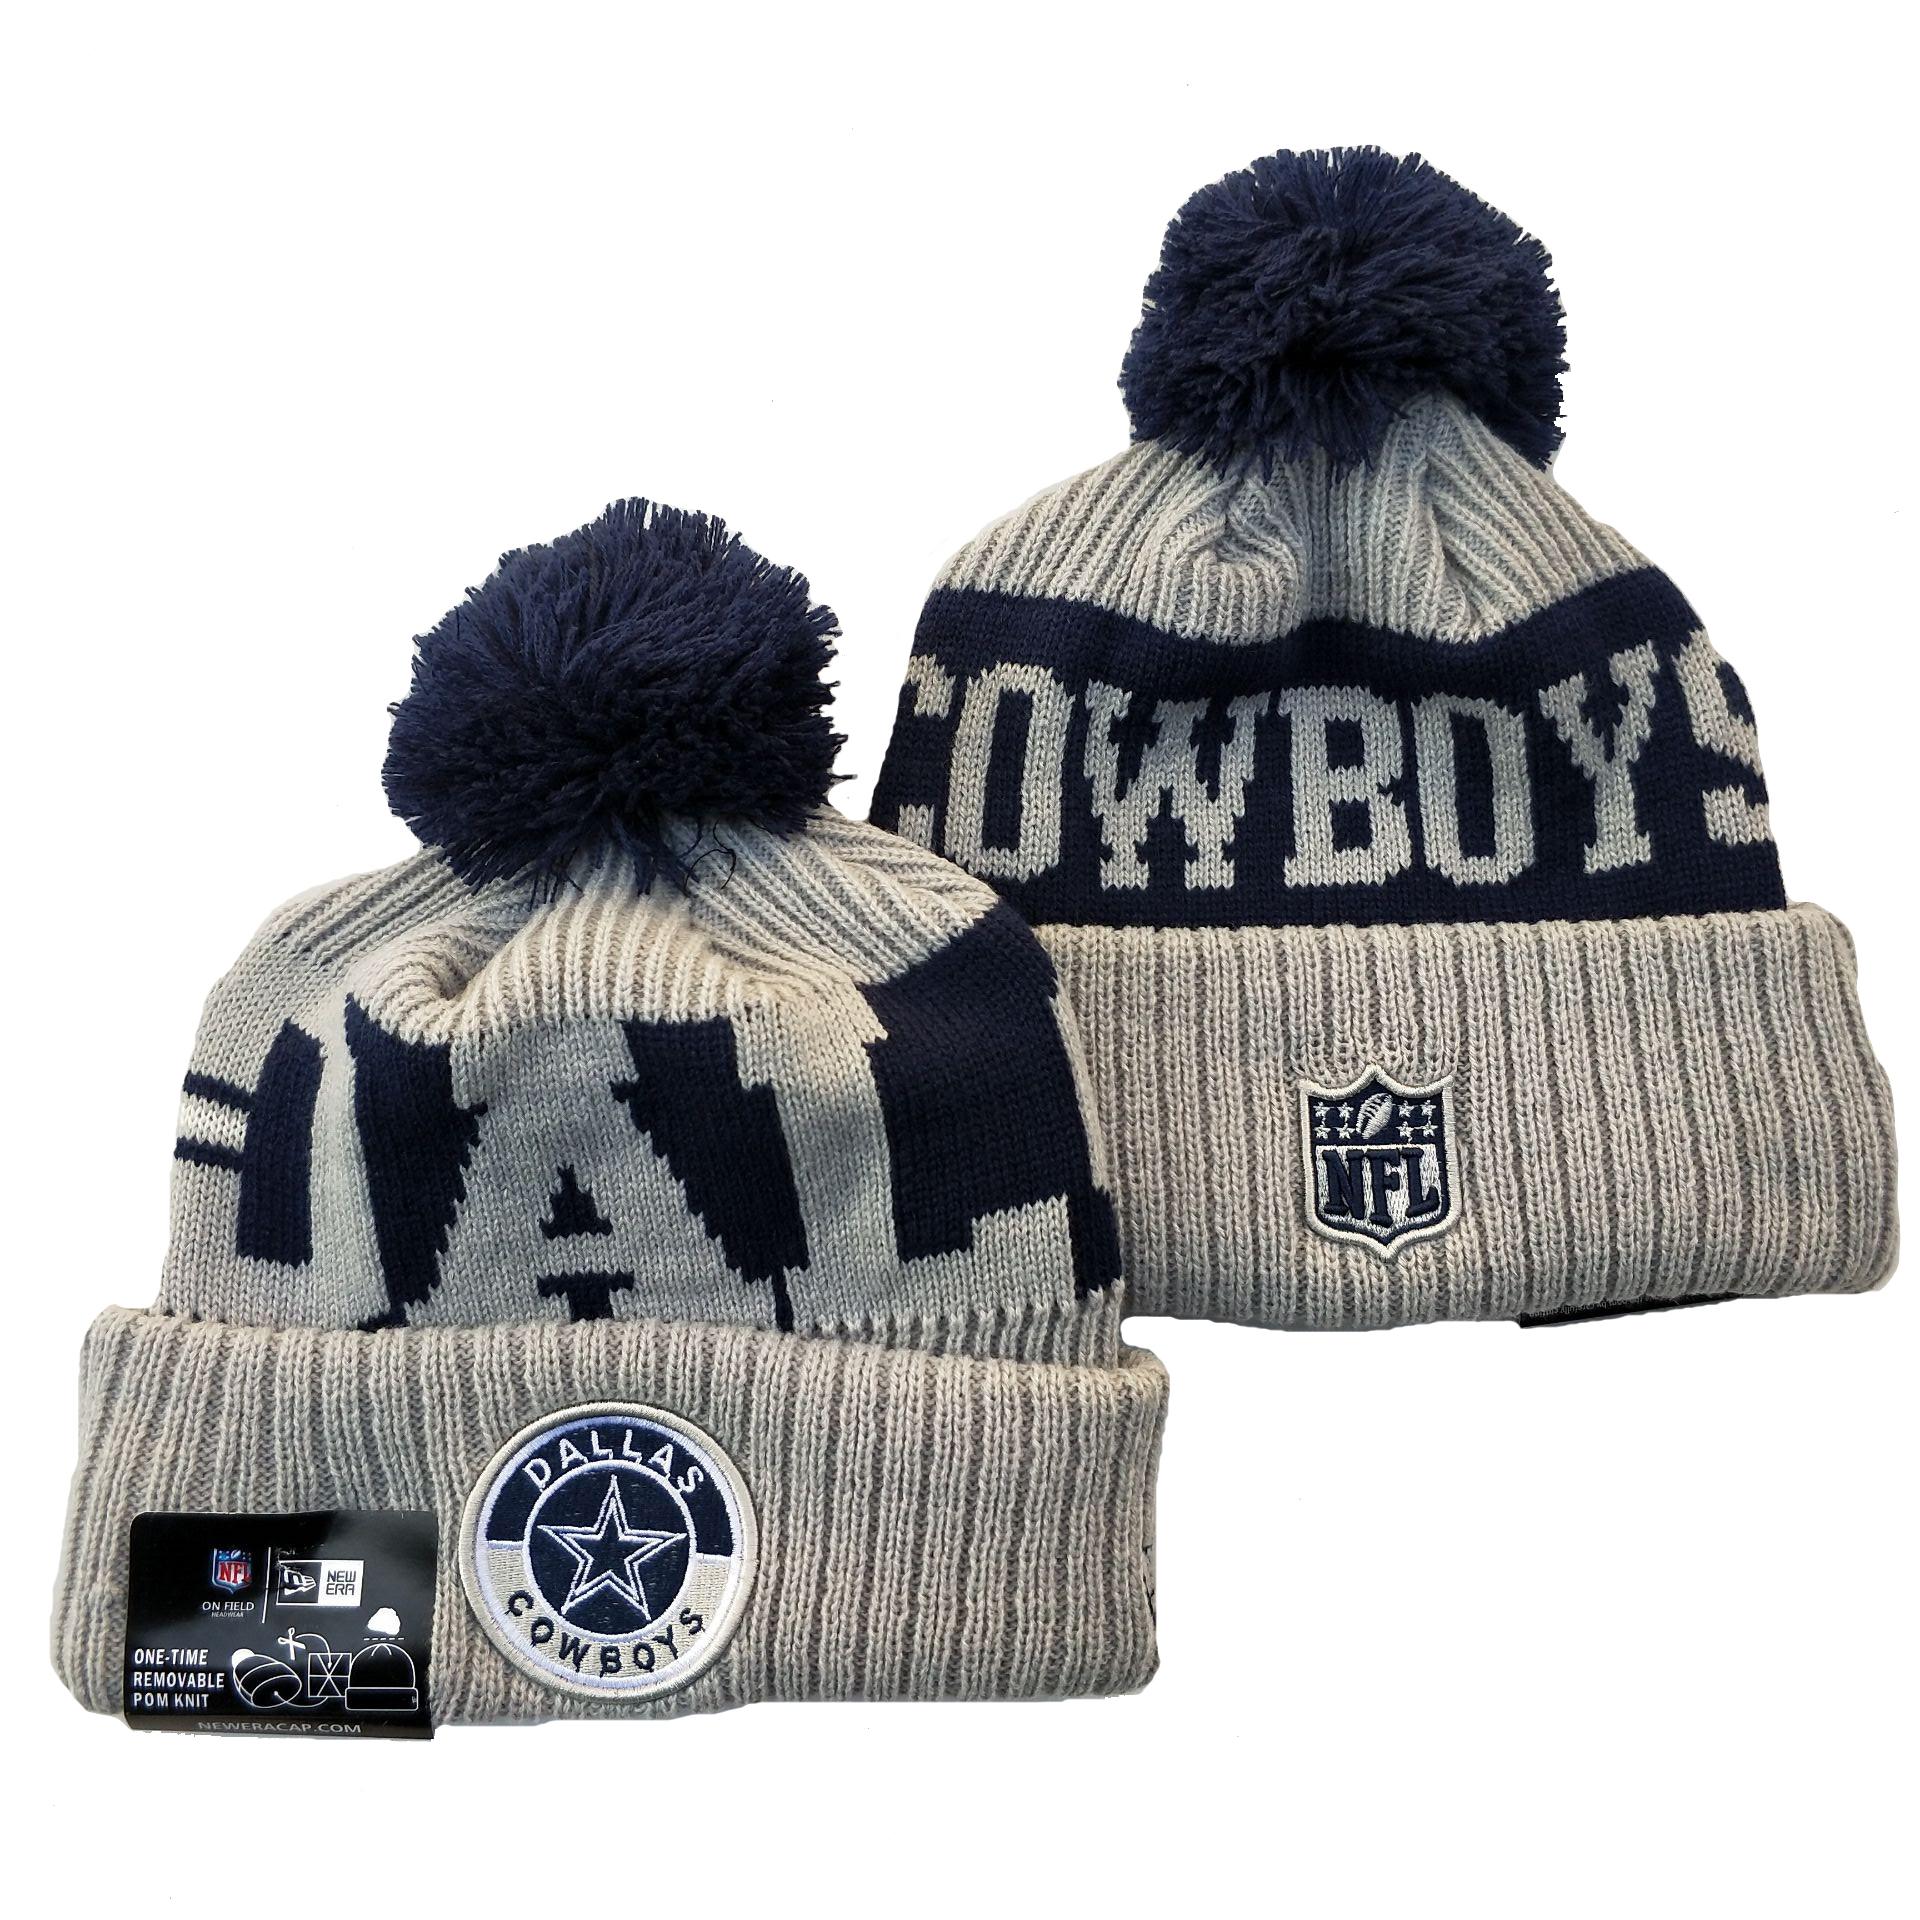 Cowboys Team Logo Gray 2020 NFL Sideline Pom Cuffed Knit Hat YD